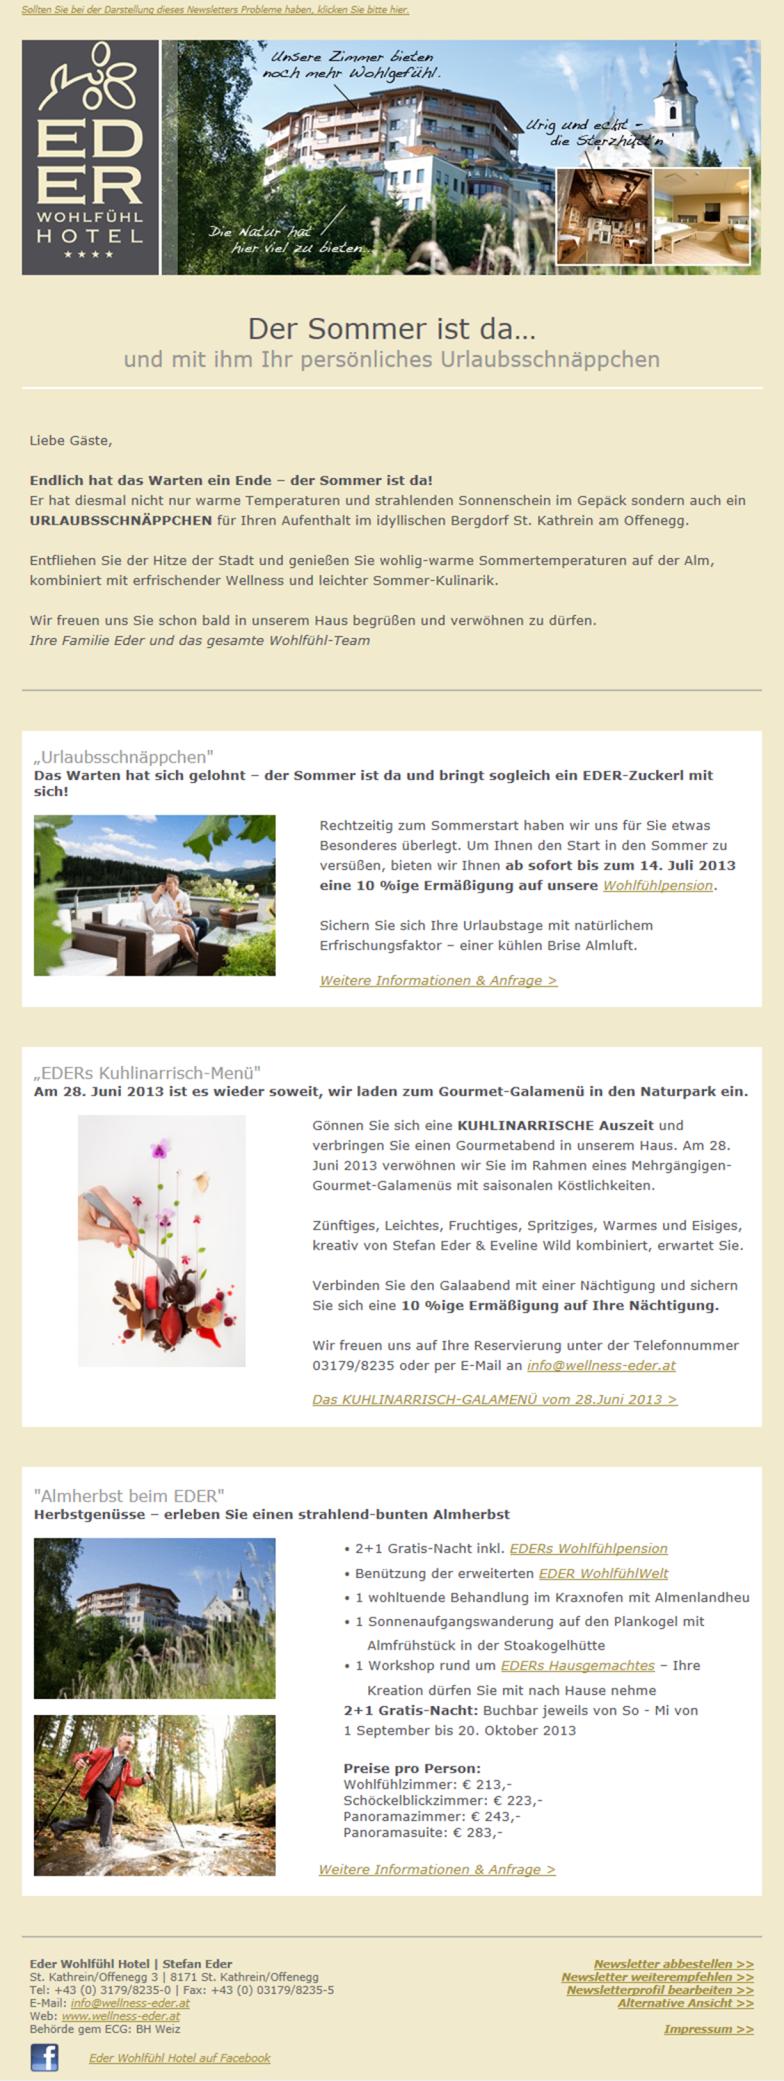 Newslettersystem von der EDV Firma LearnConsult aus Graz